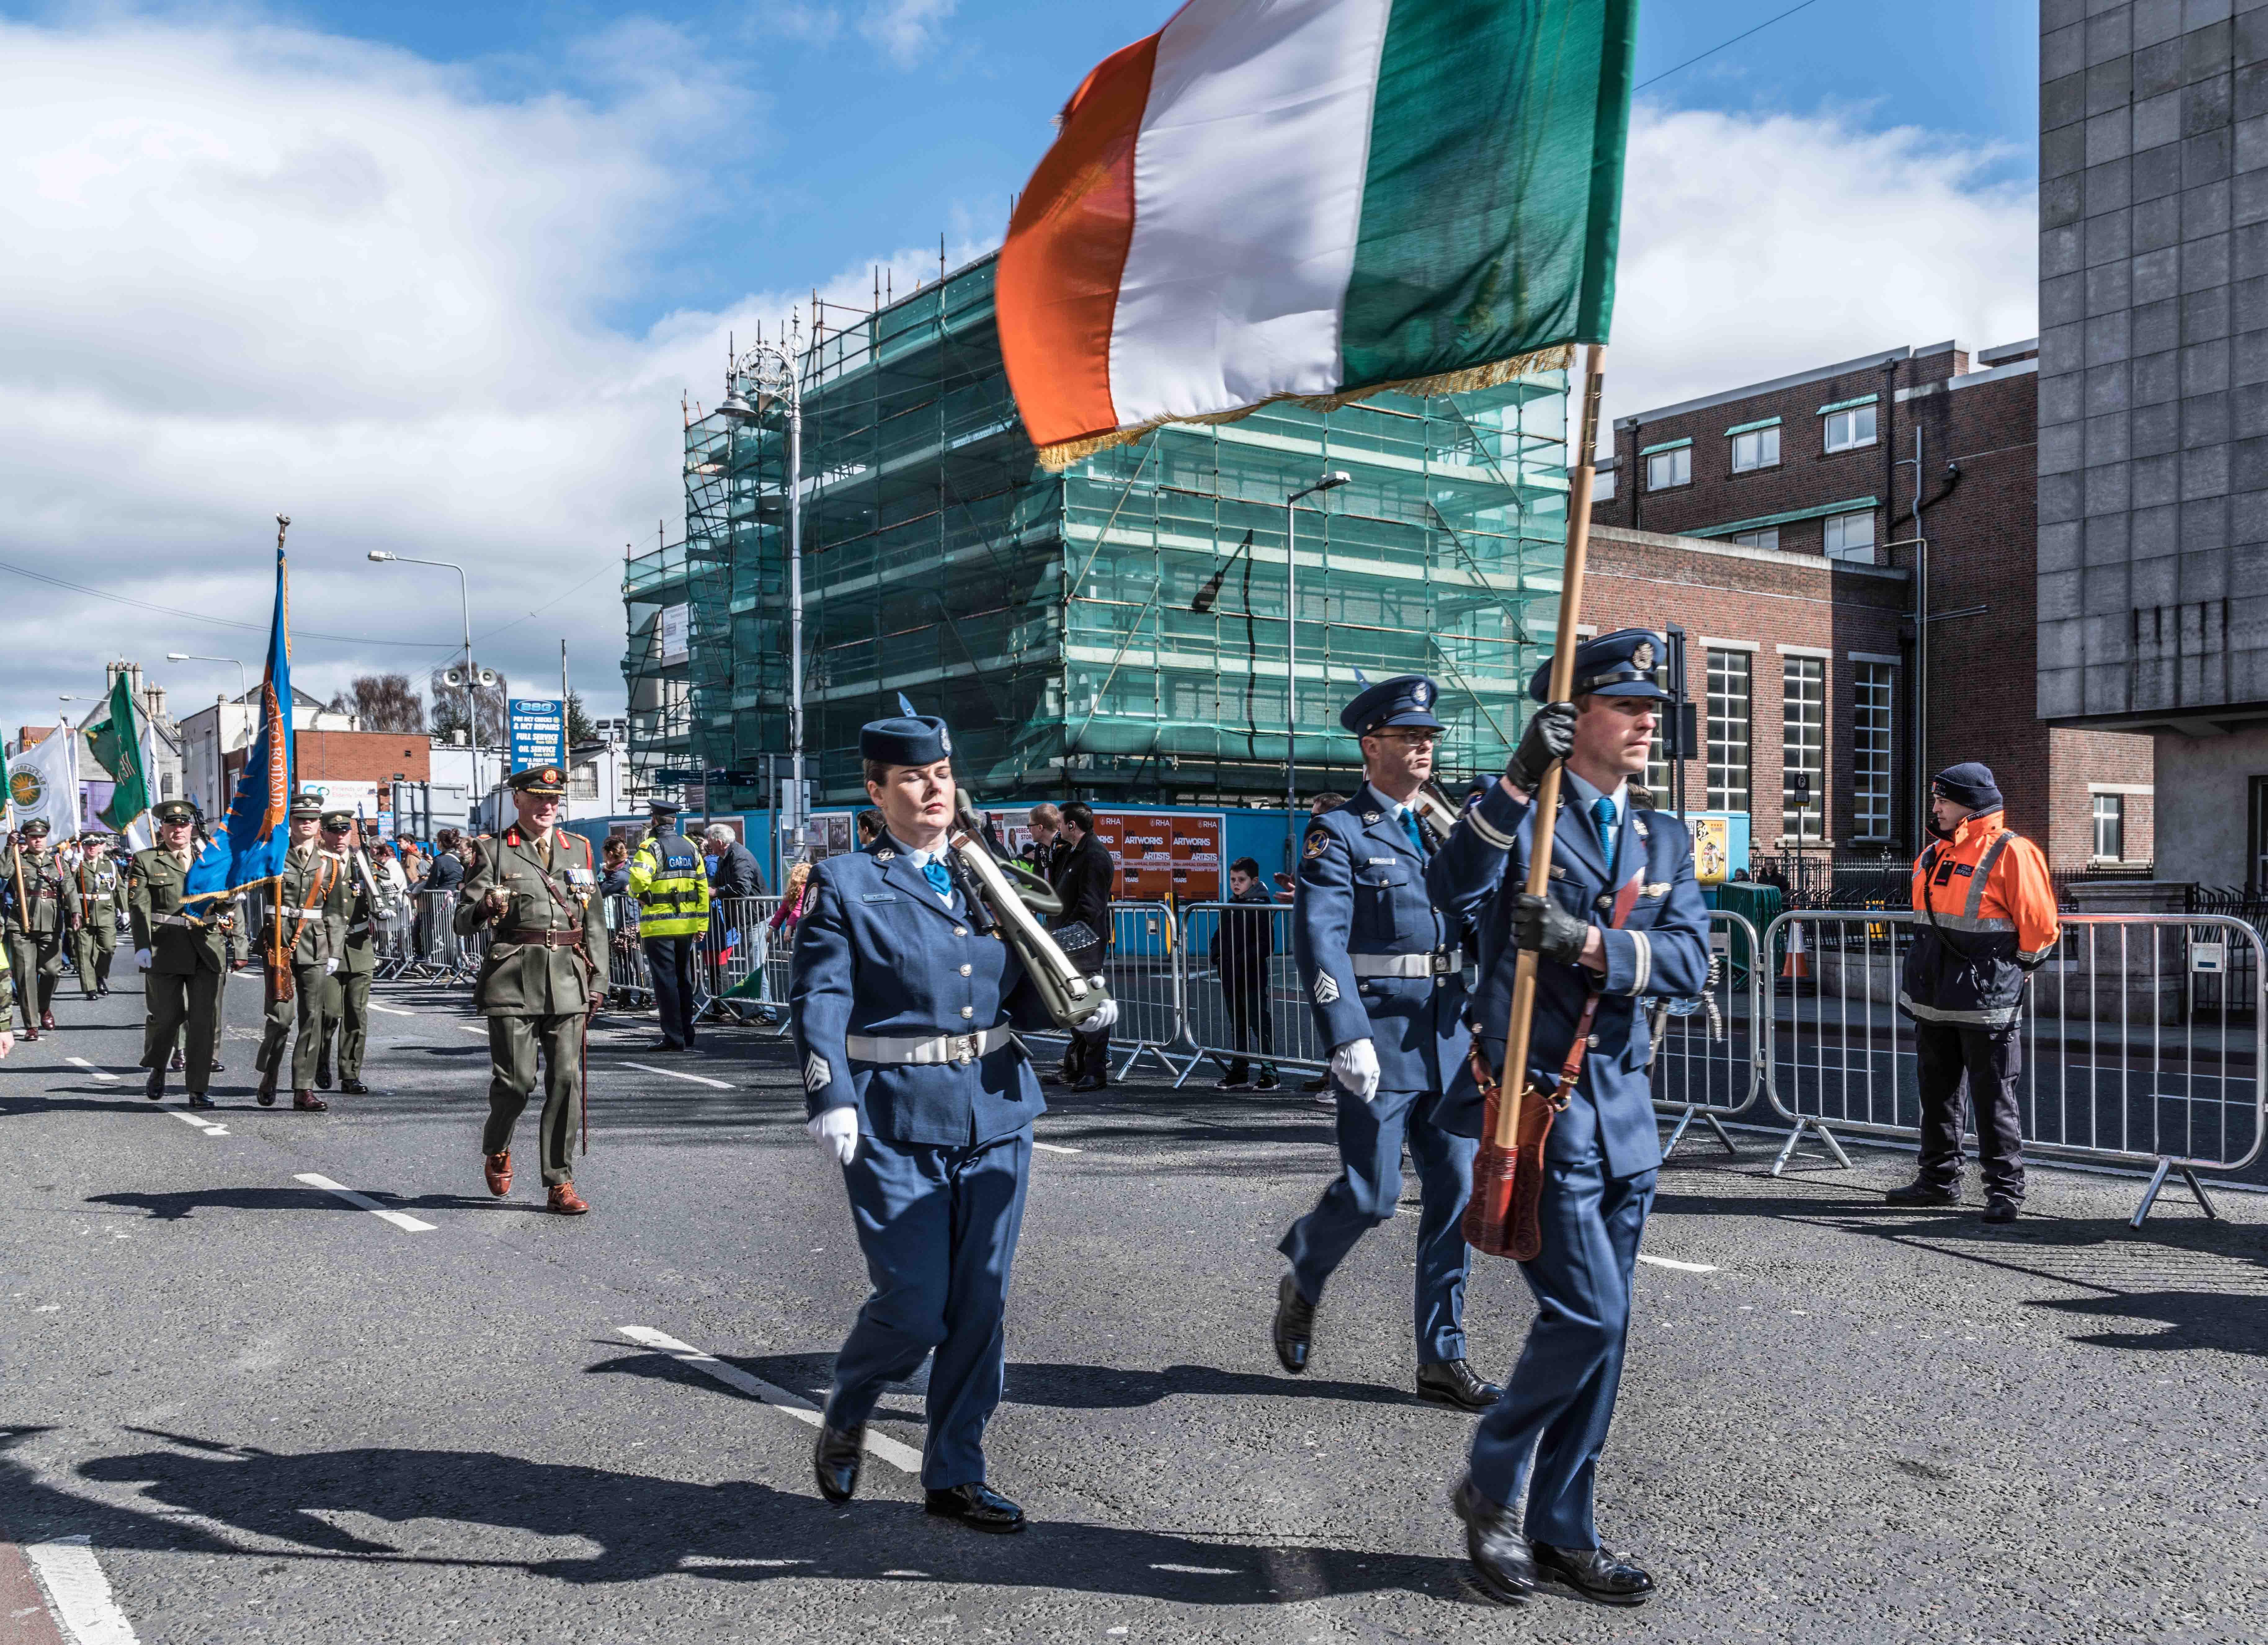 Célébration pour le centenaire de l'Insurrection de Pâques à Dublin en 2016